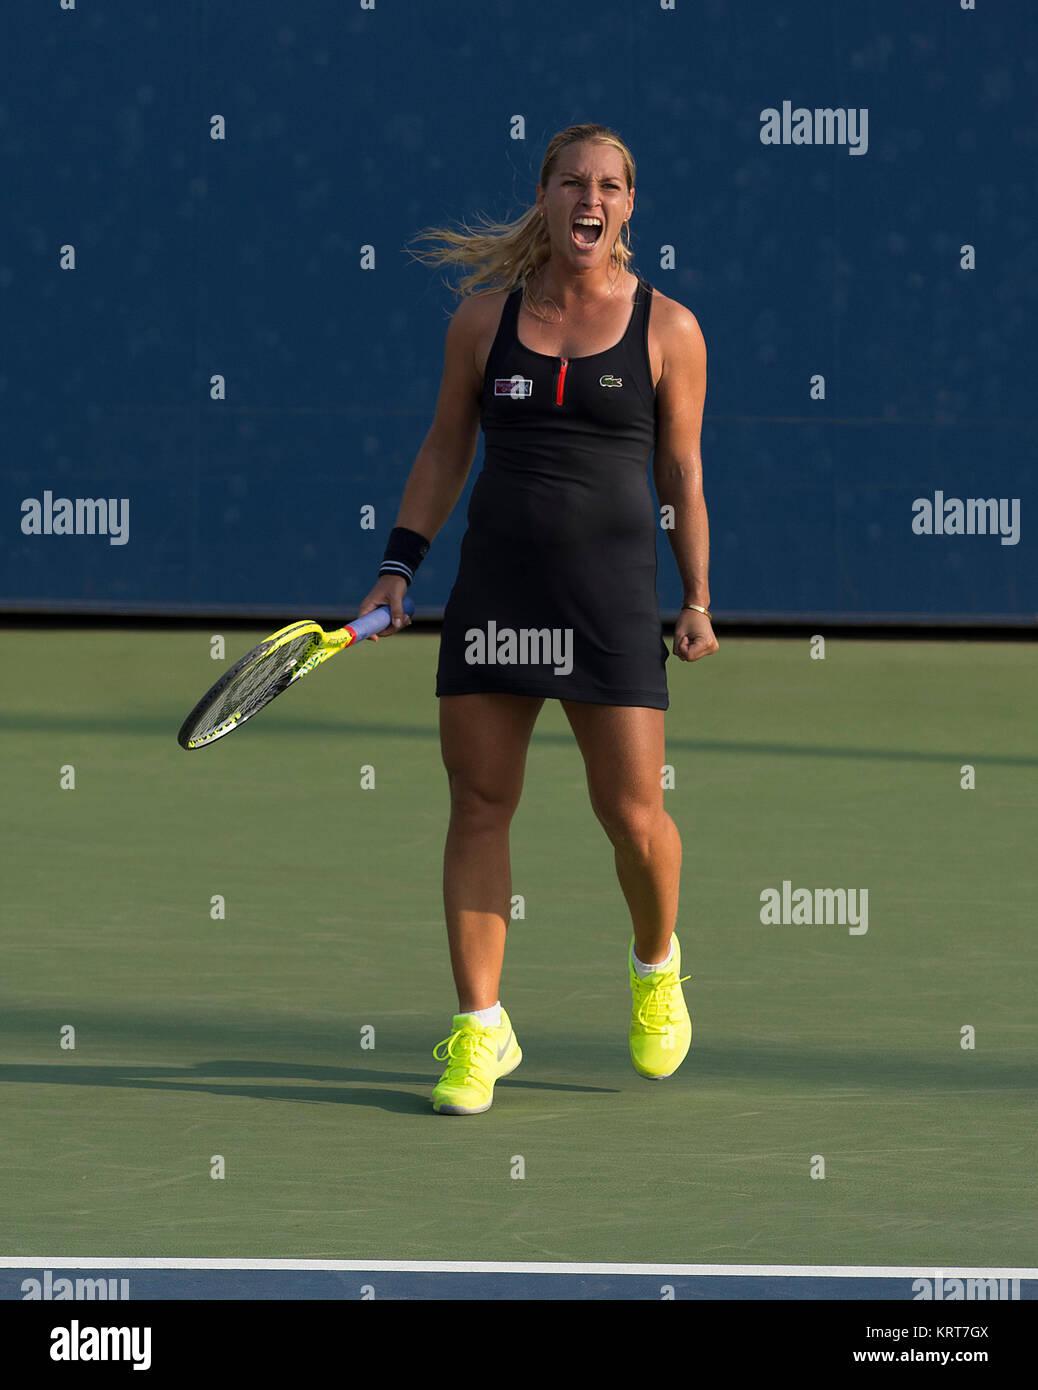 NEW YORK, NY - SEPTEMBER 02:   Dominika Cibulkova  on Day Three of the 2015 US Open at the USTA Billie Jean King Stock Photo